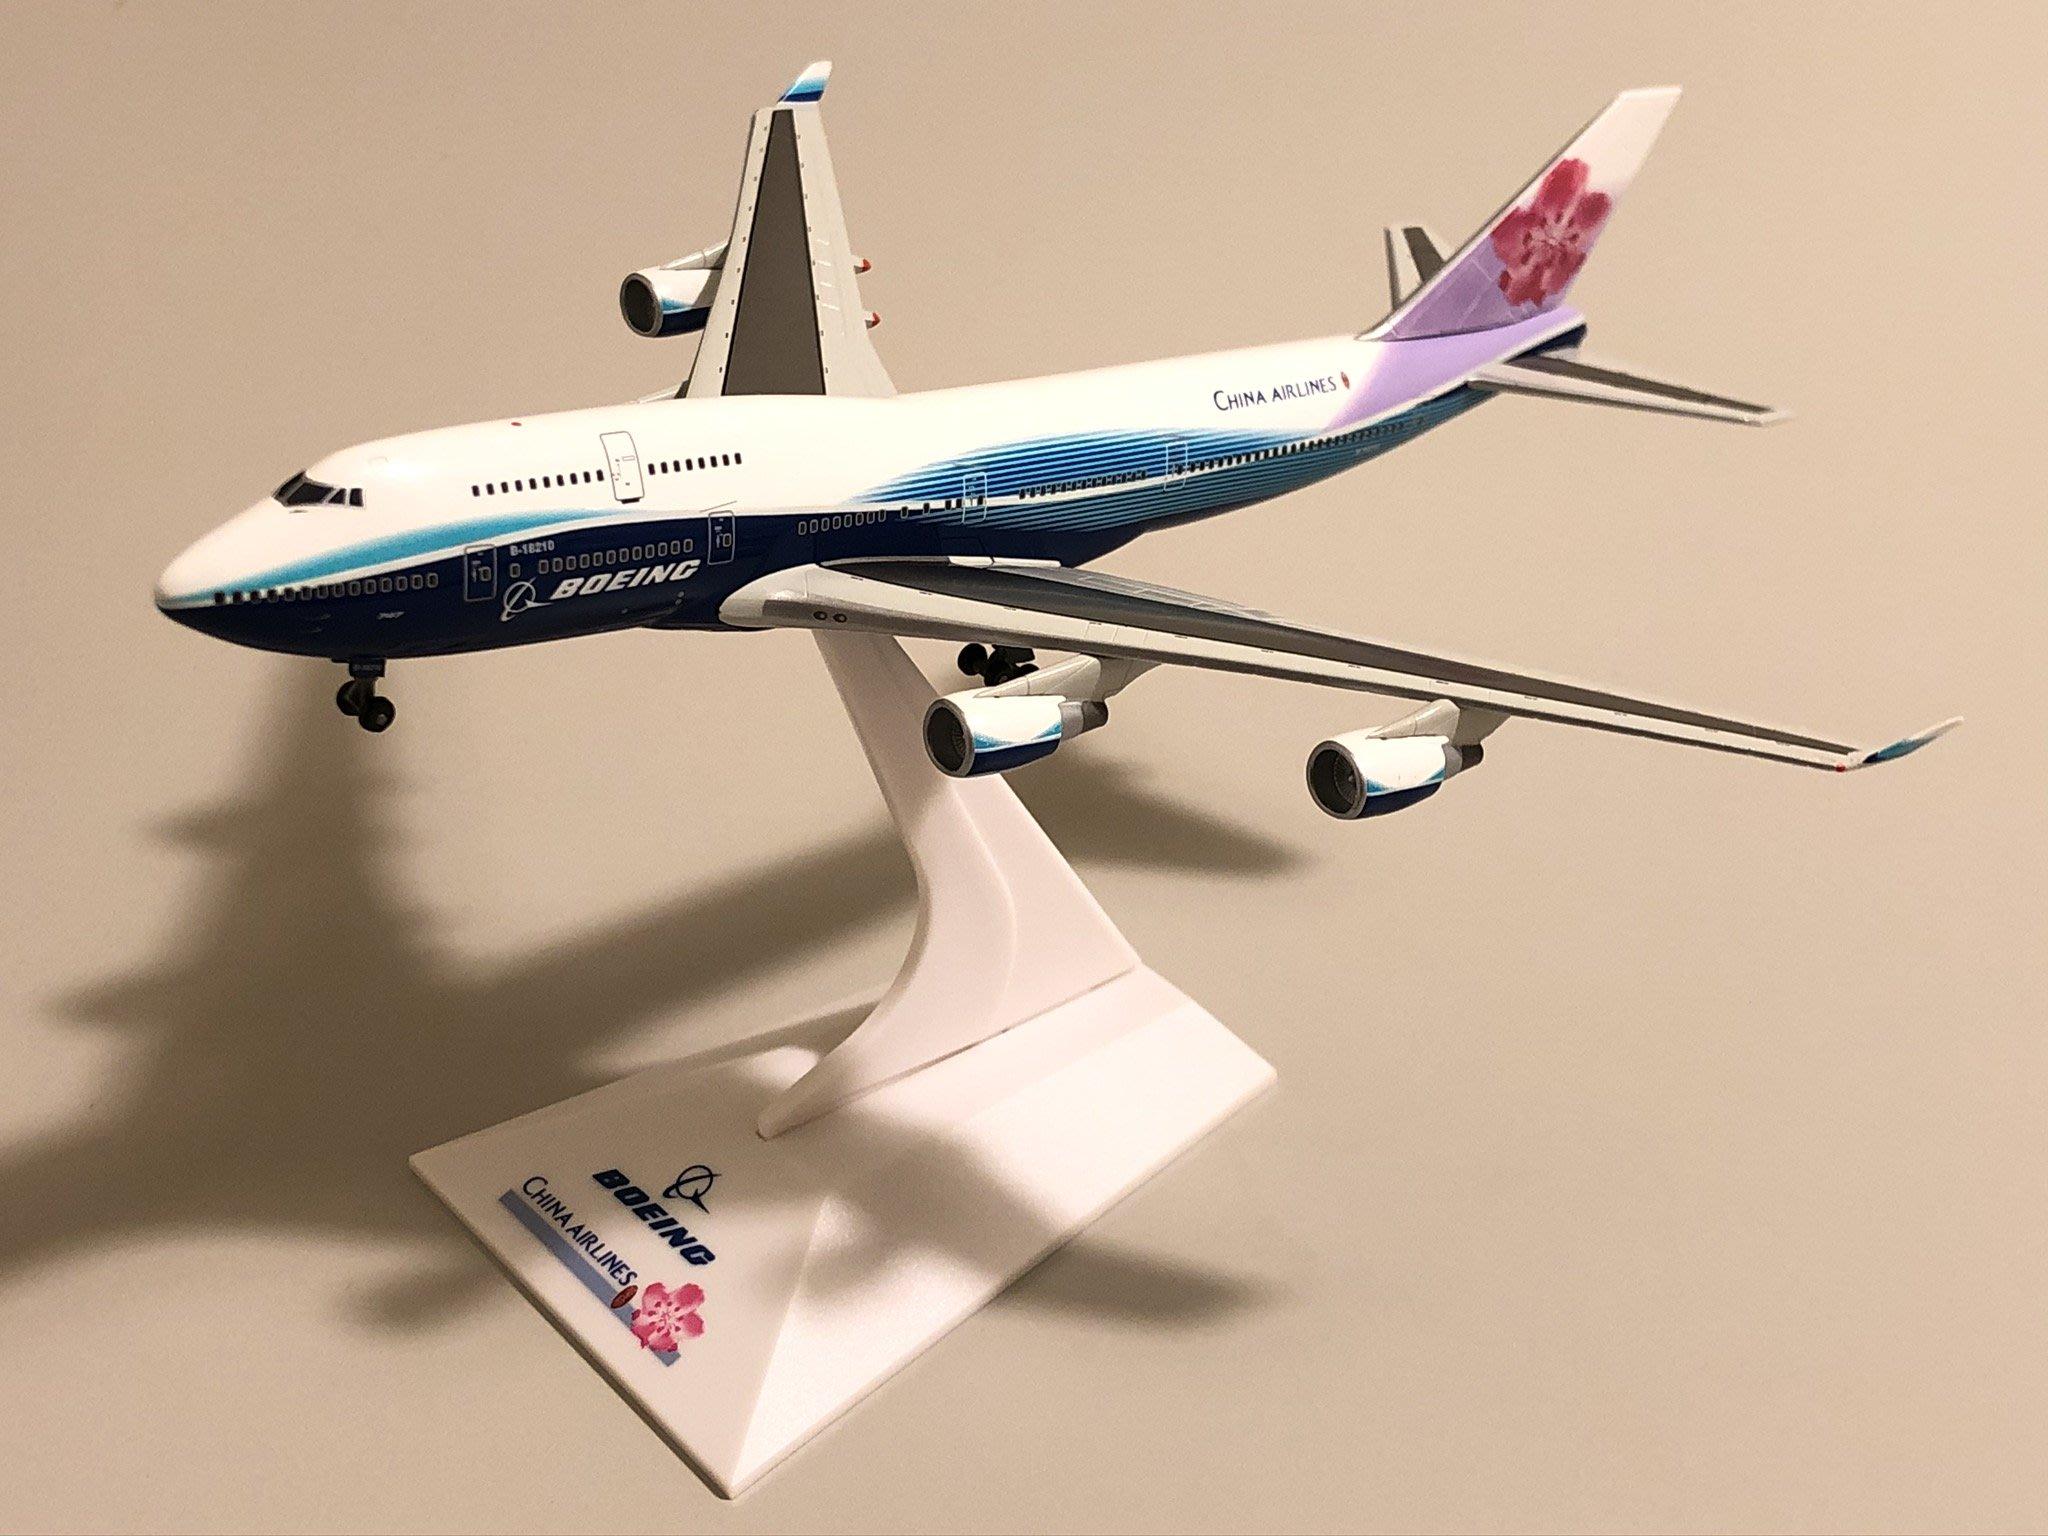 絕版品 中華航空 China Airliner Dreamliner 大藍鯨 B747-400 B-18210